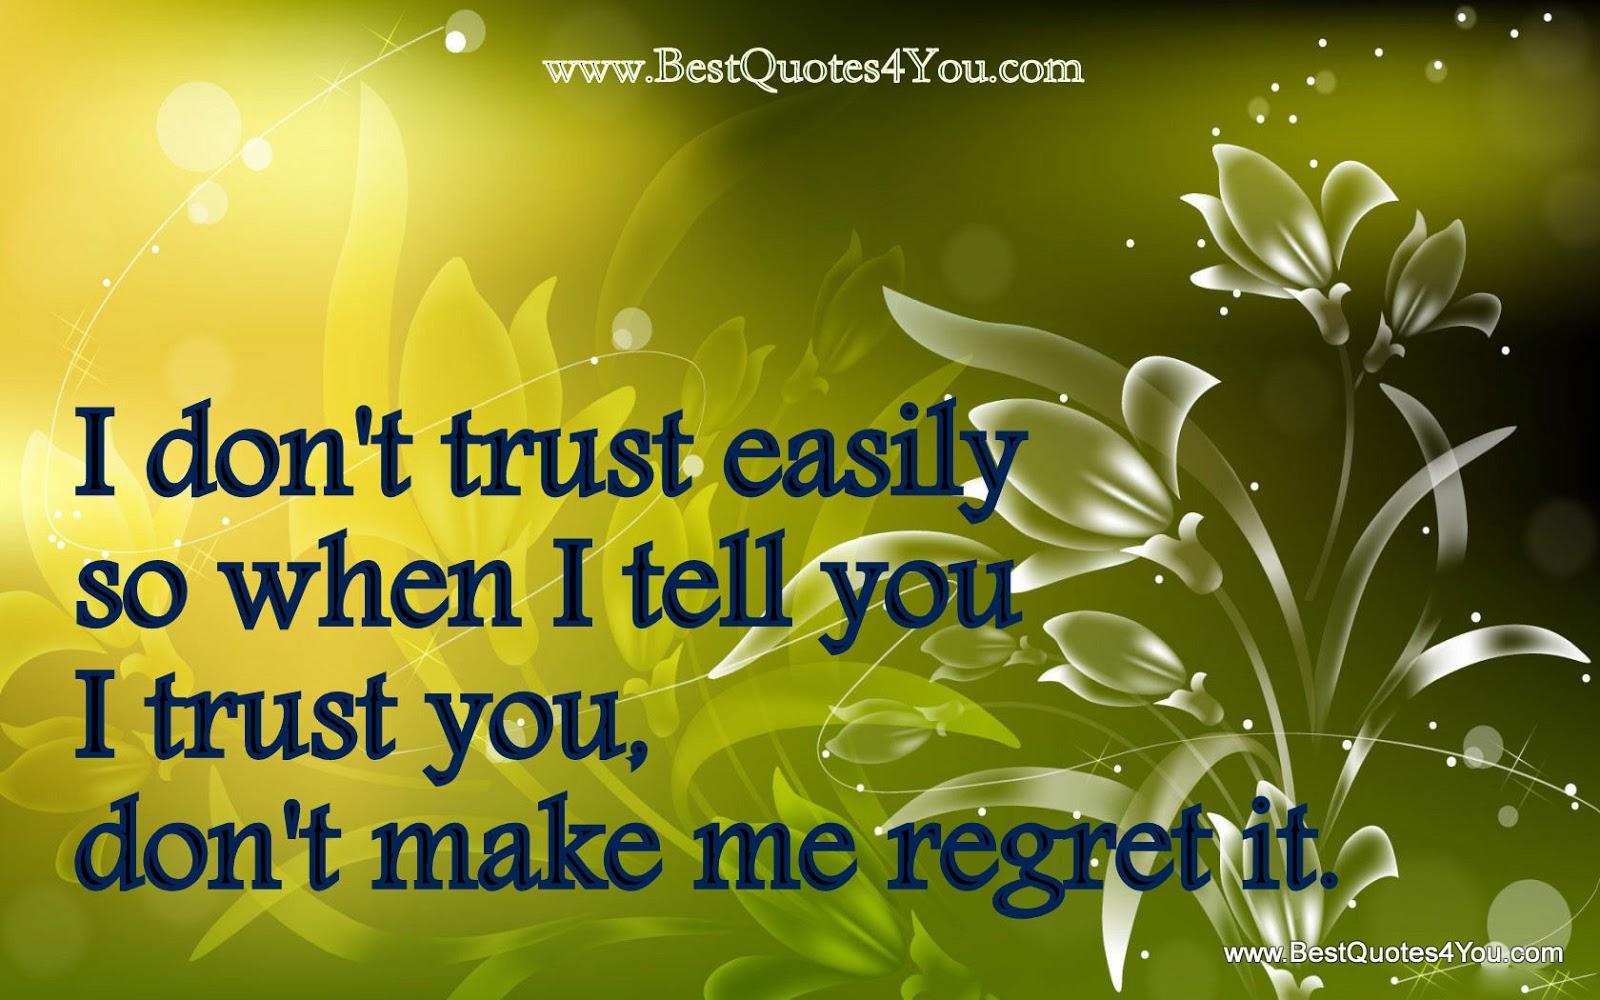 Wallpaper Desk : Trust quote, trusting quotes, trust quotes loveWallpaper Desk